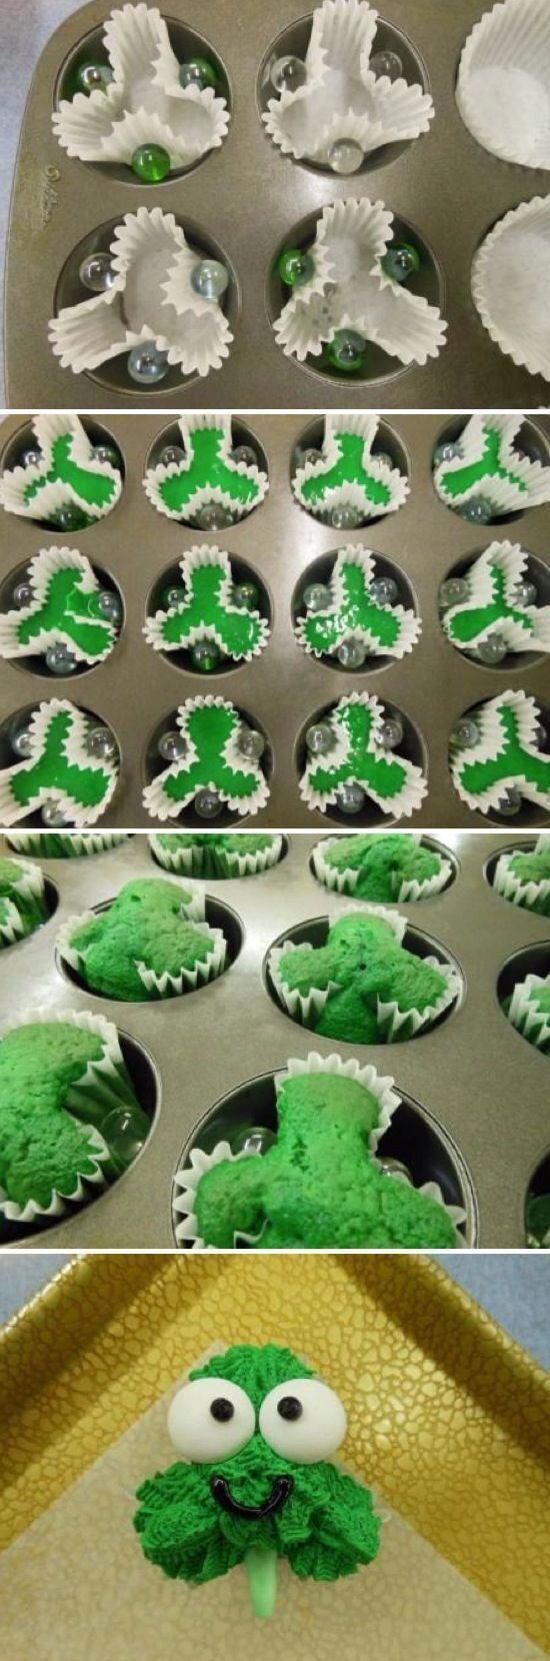 Shamrock cupcakes.